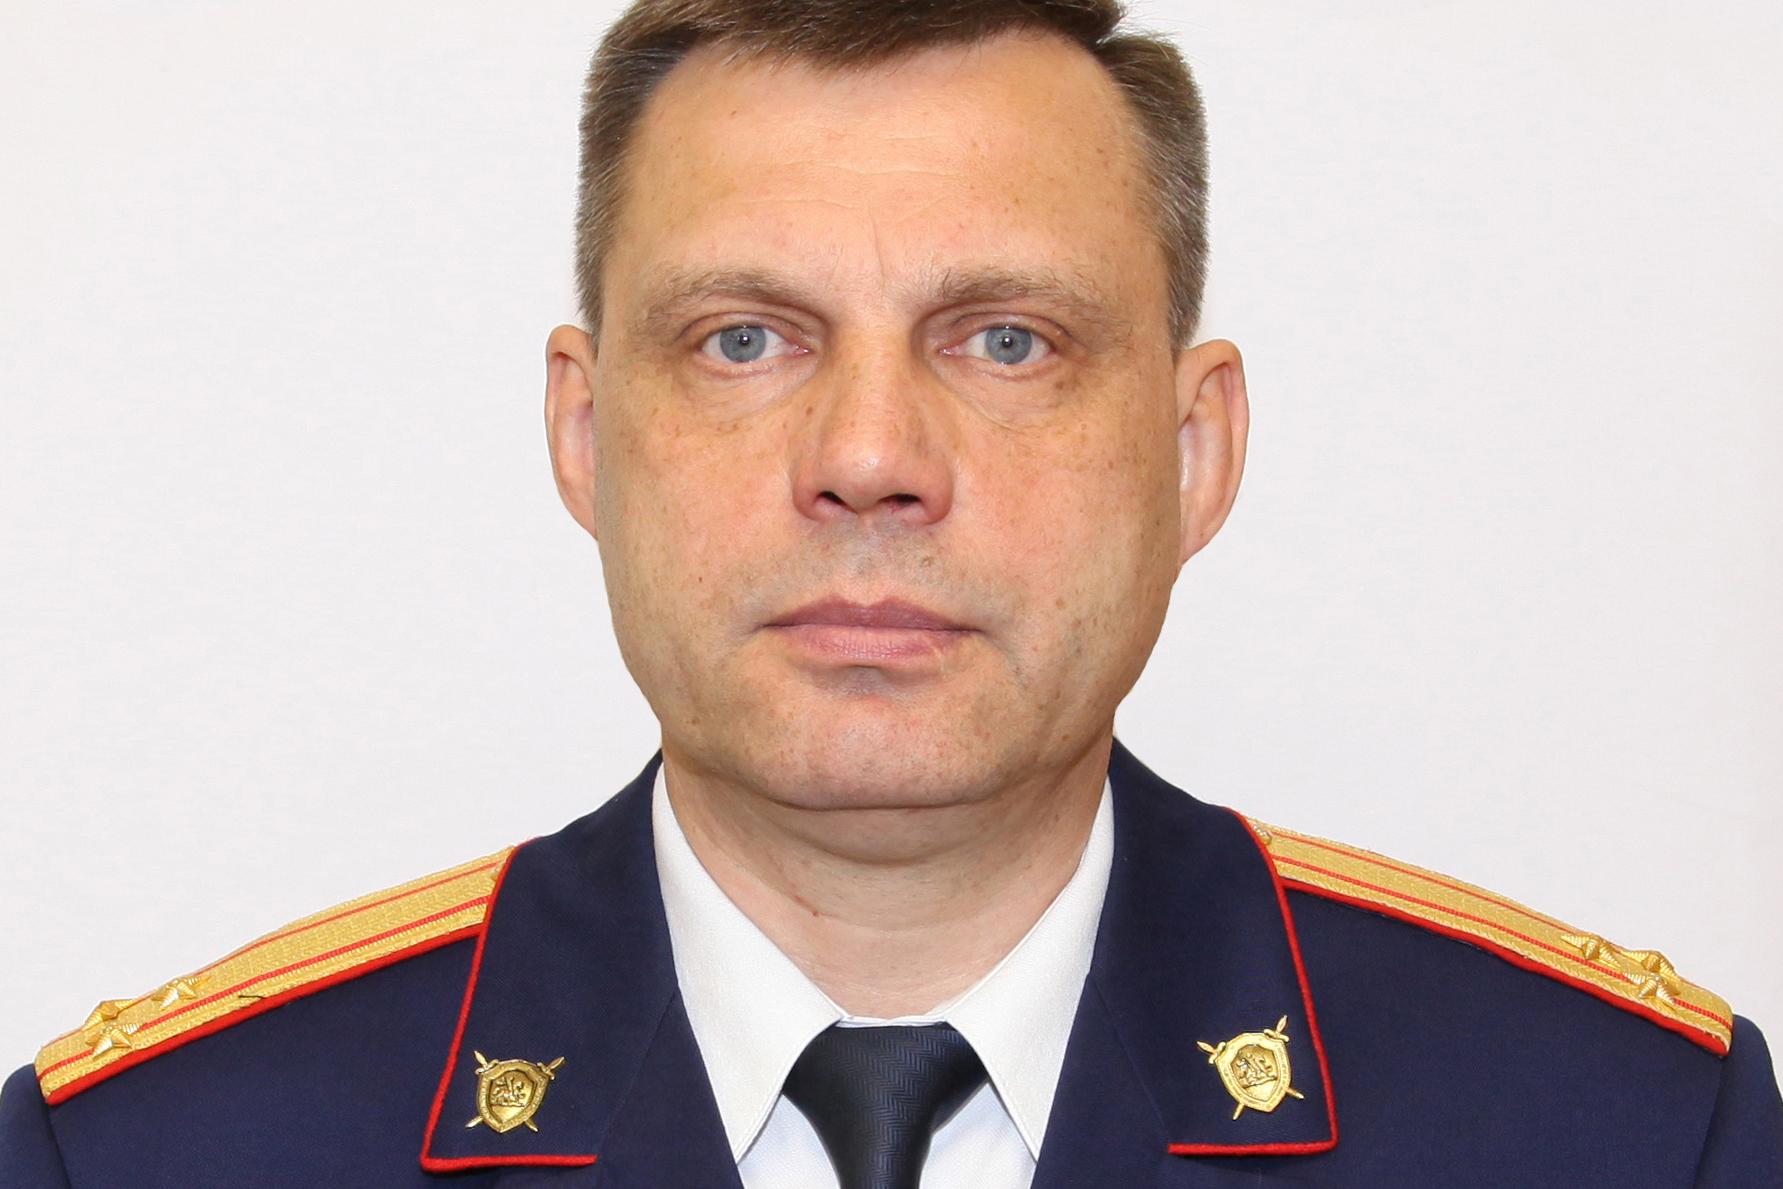 Руководитель следственного комитета по Томской области проведет прием граждан